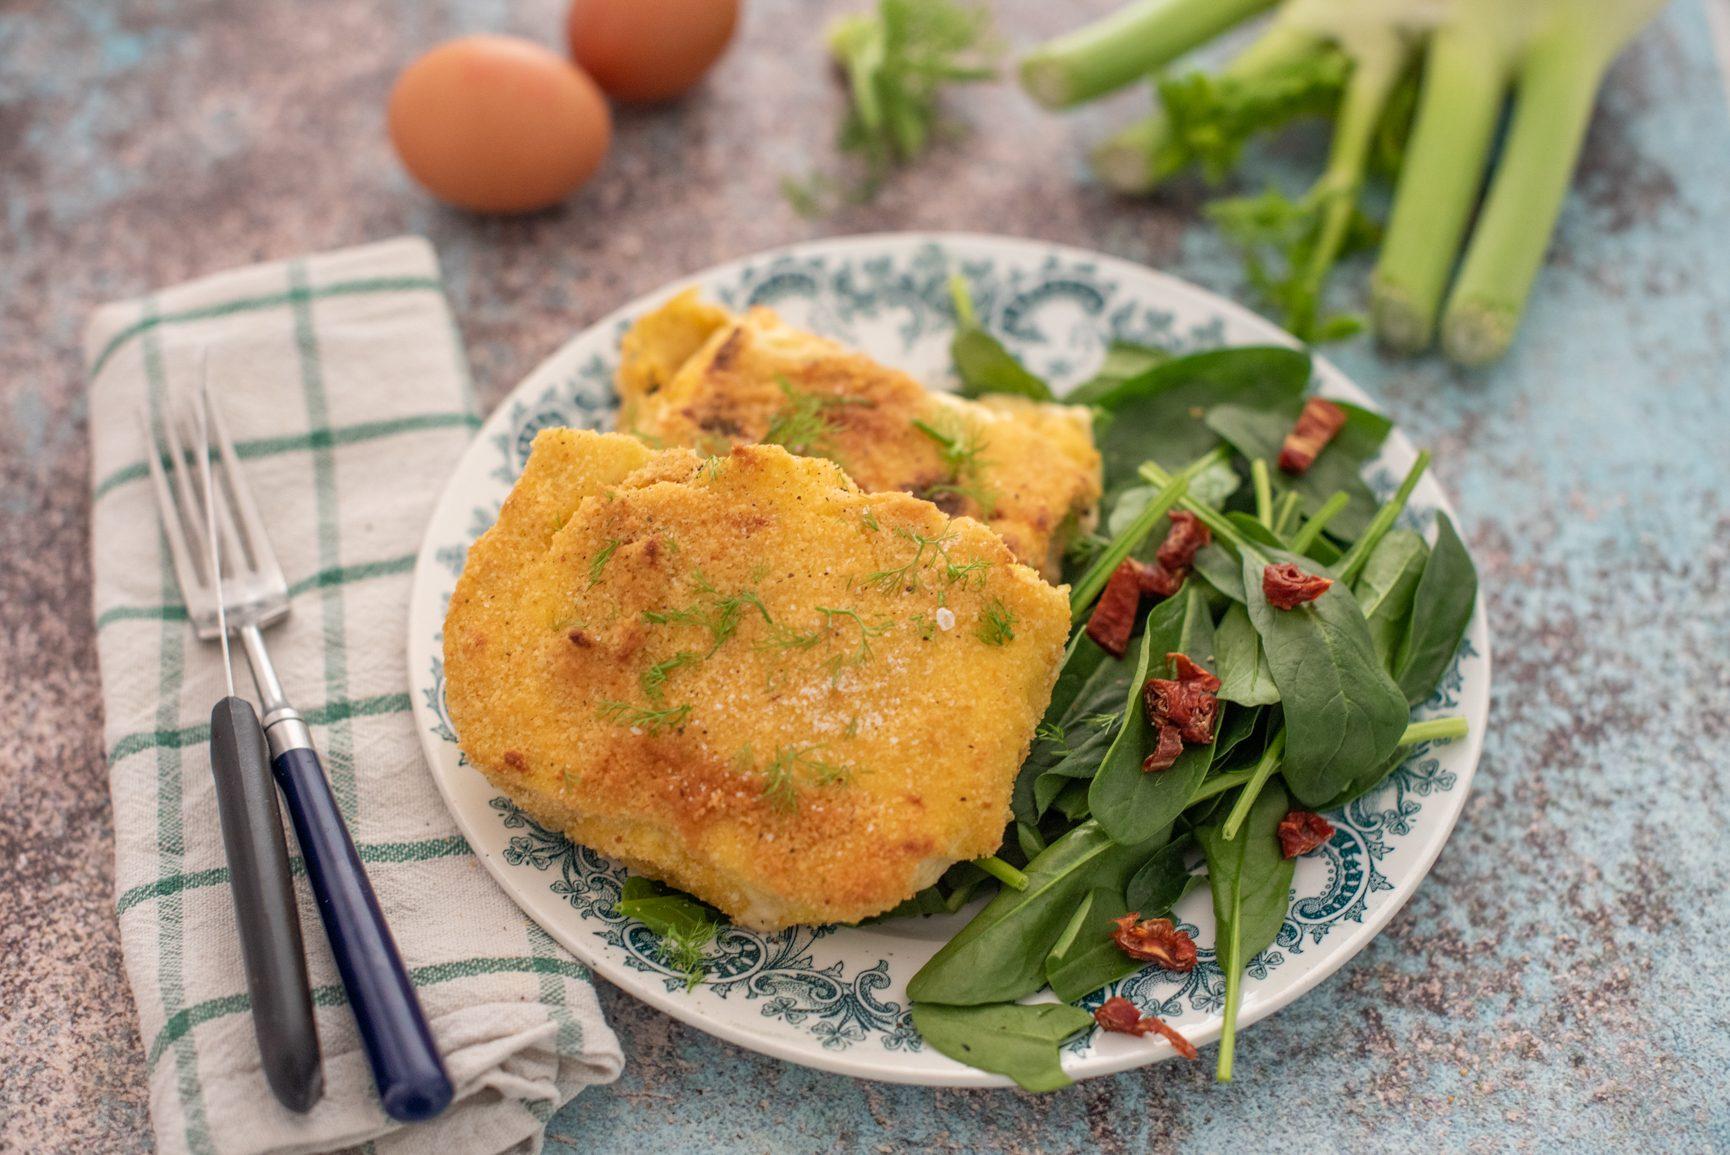 Cotolette di finocchi: la ricetta del piatto vegetariano goloso e facile da realizzare